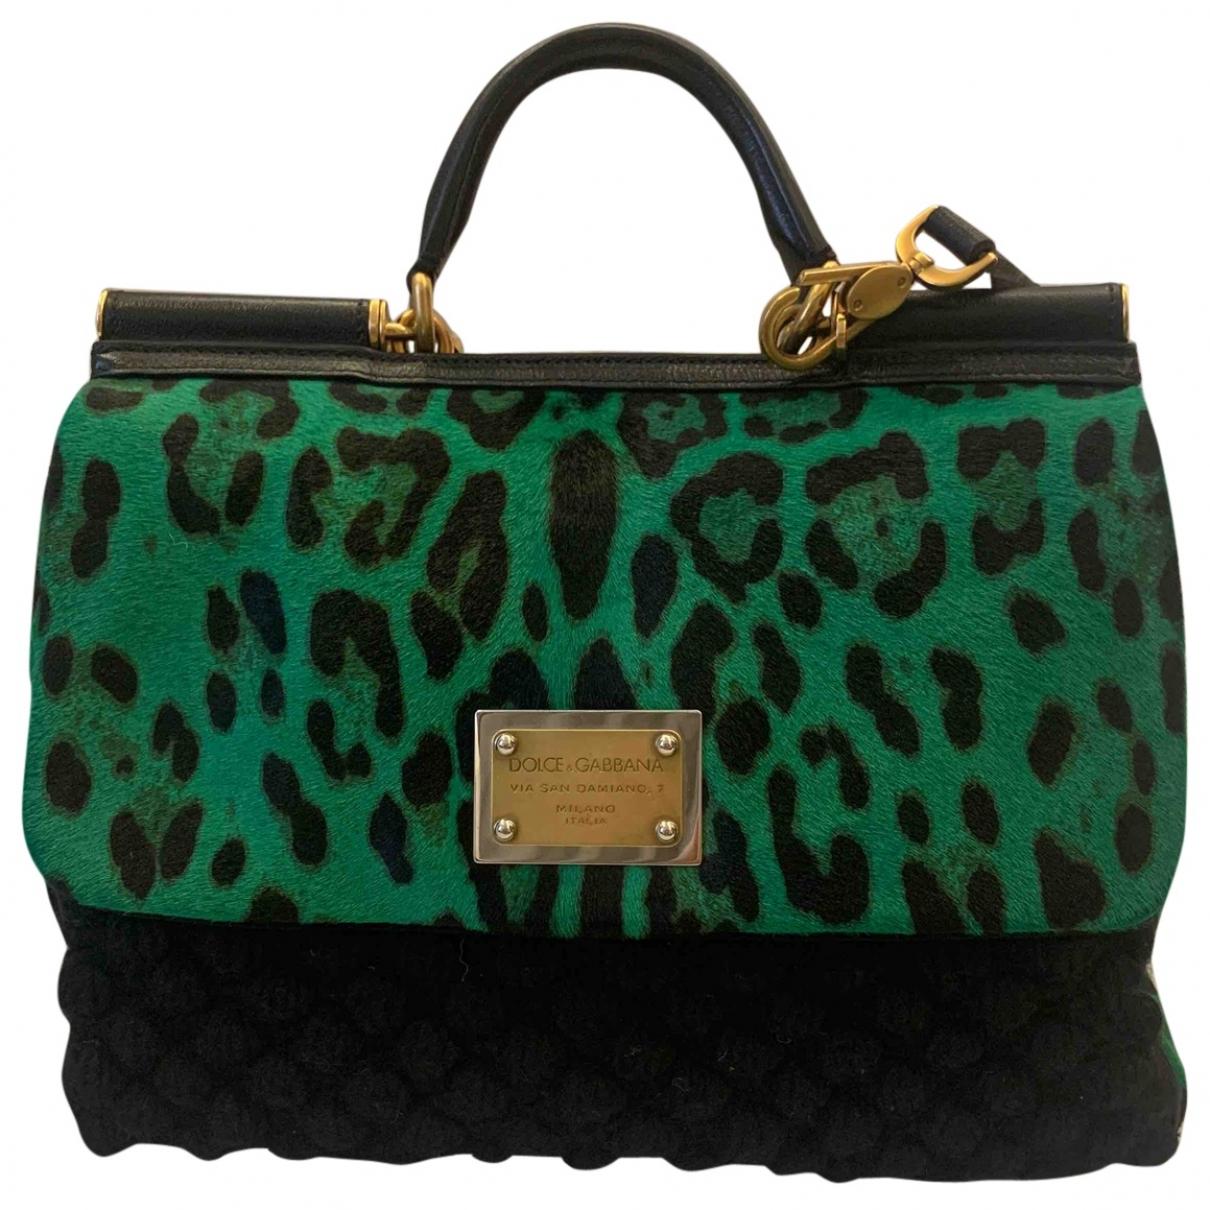 Dolce & Gabbana Sicily Handtasche in  Gruen Wolle